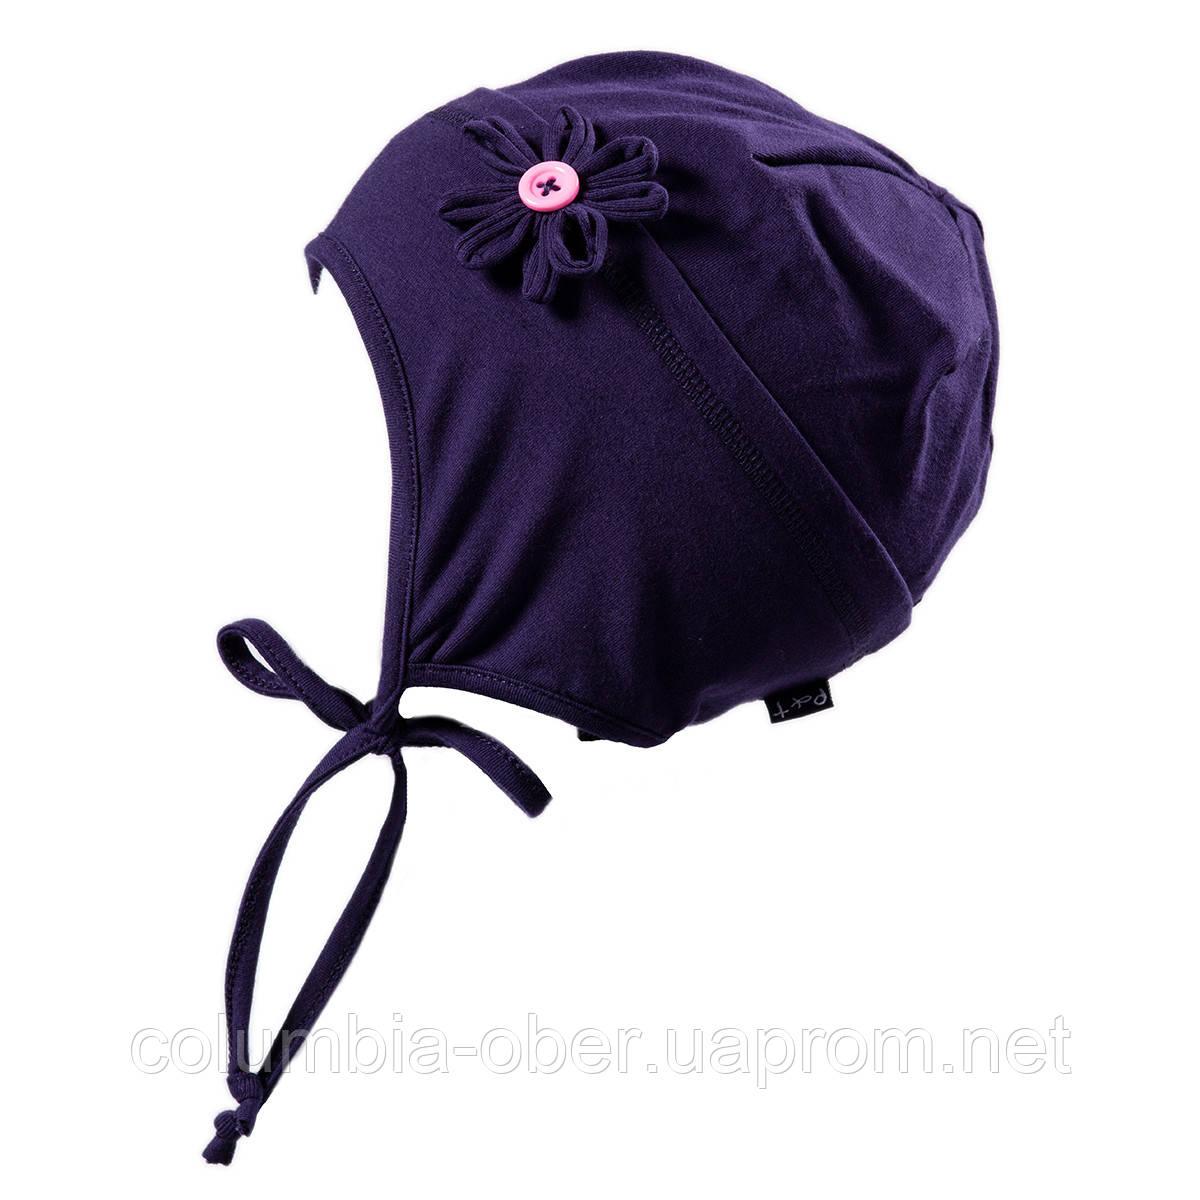 Демисезонная шапка для девочек Peluche S18 TU 64 EF Purple Haze. Размер 3/5, 6/8.